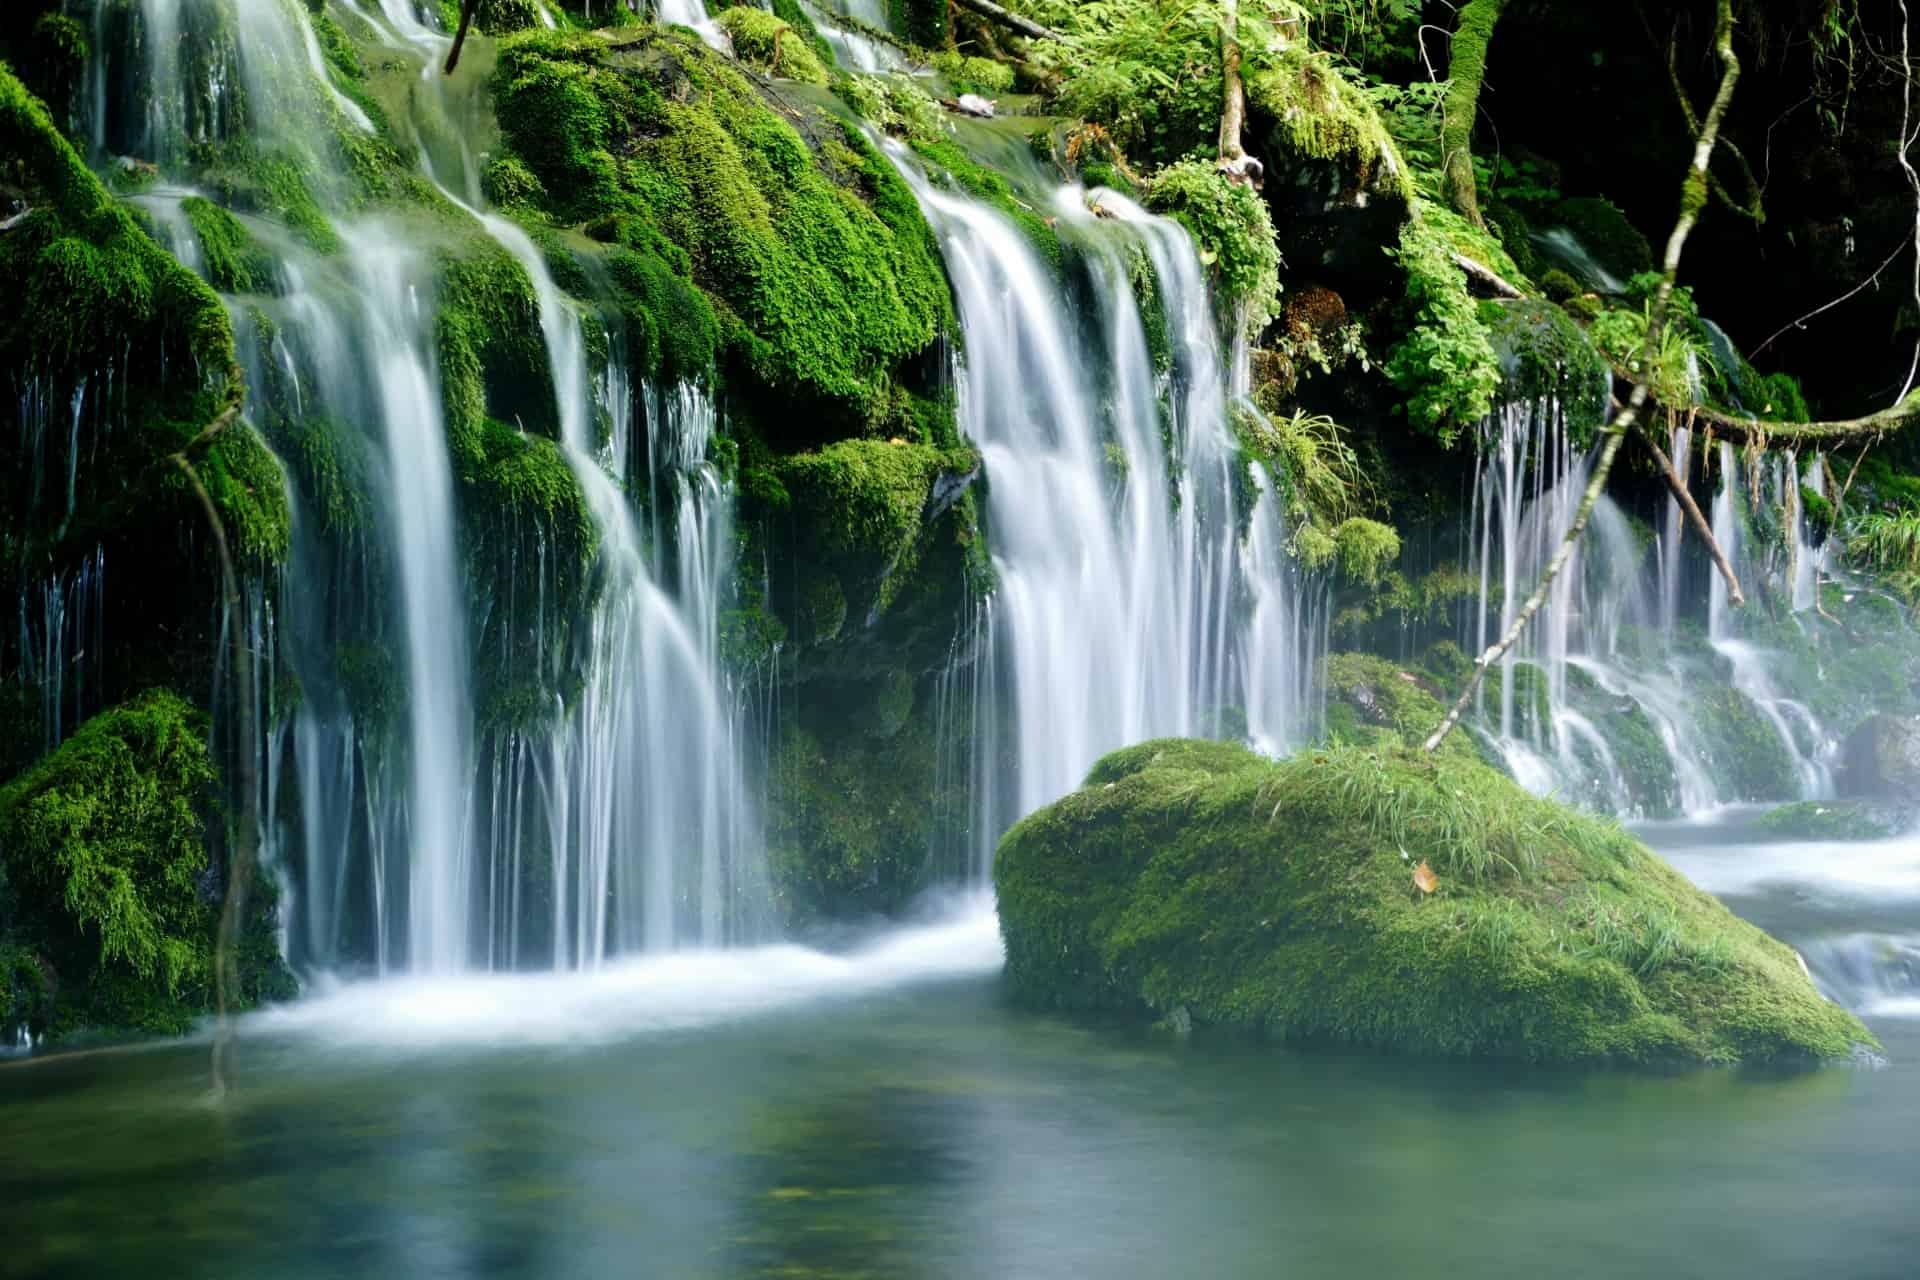 น้ำตกโมโตทากิ (Mototaki Waterfall) จังหวัดอาคิตะ (Akita)